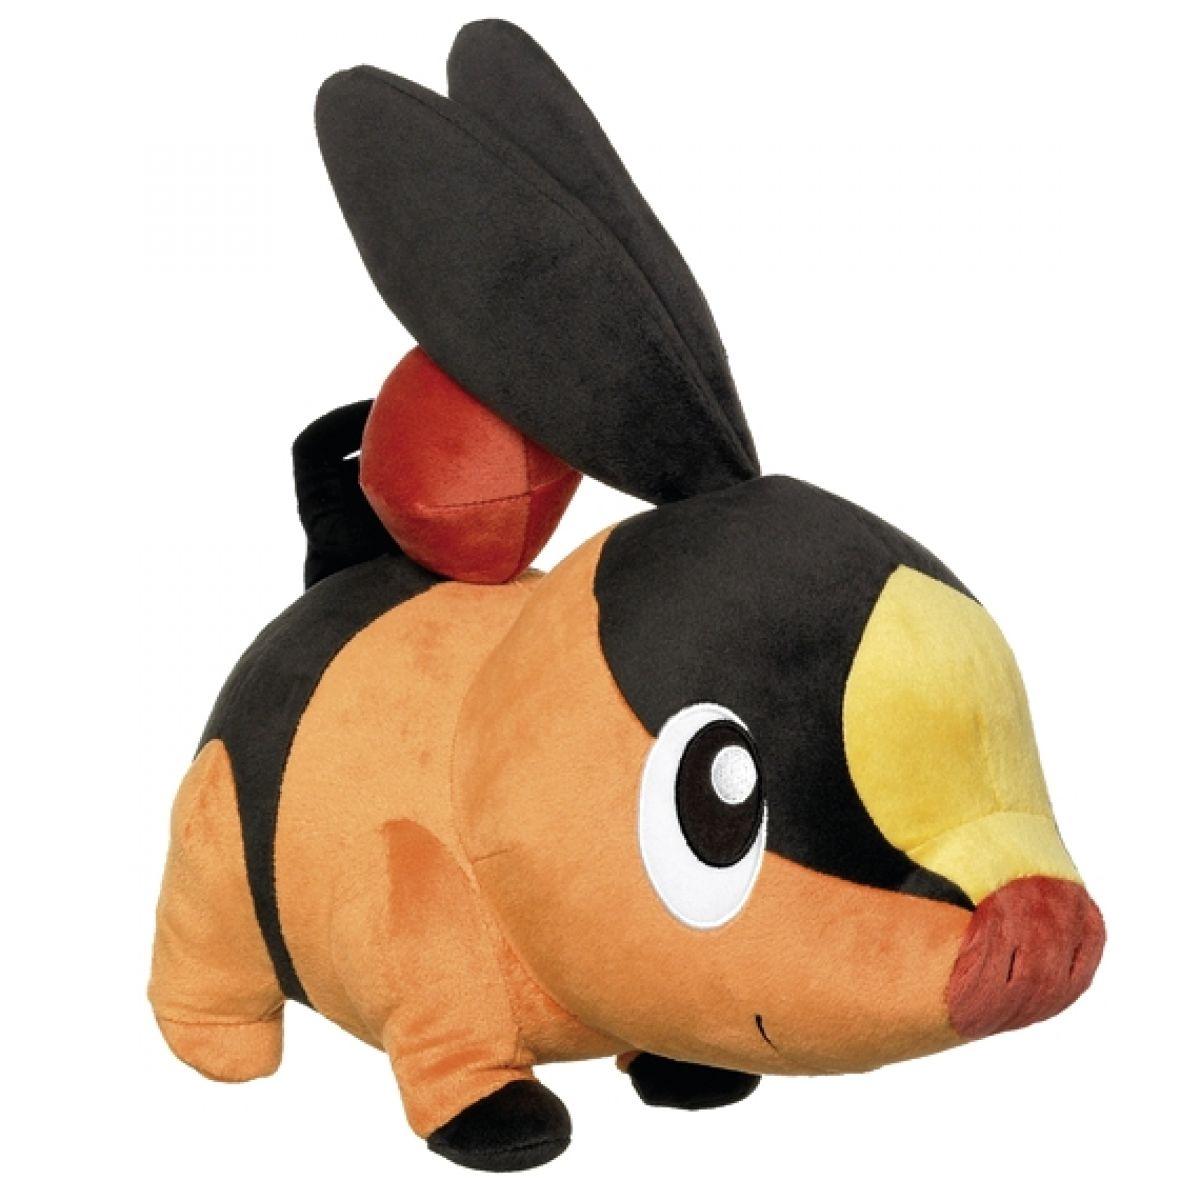 Pokémon Plyšová postavička velká 50cm - Tepig